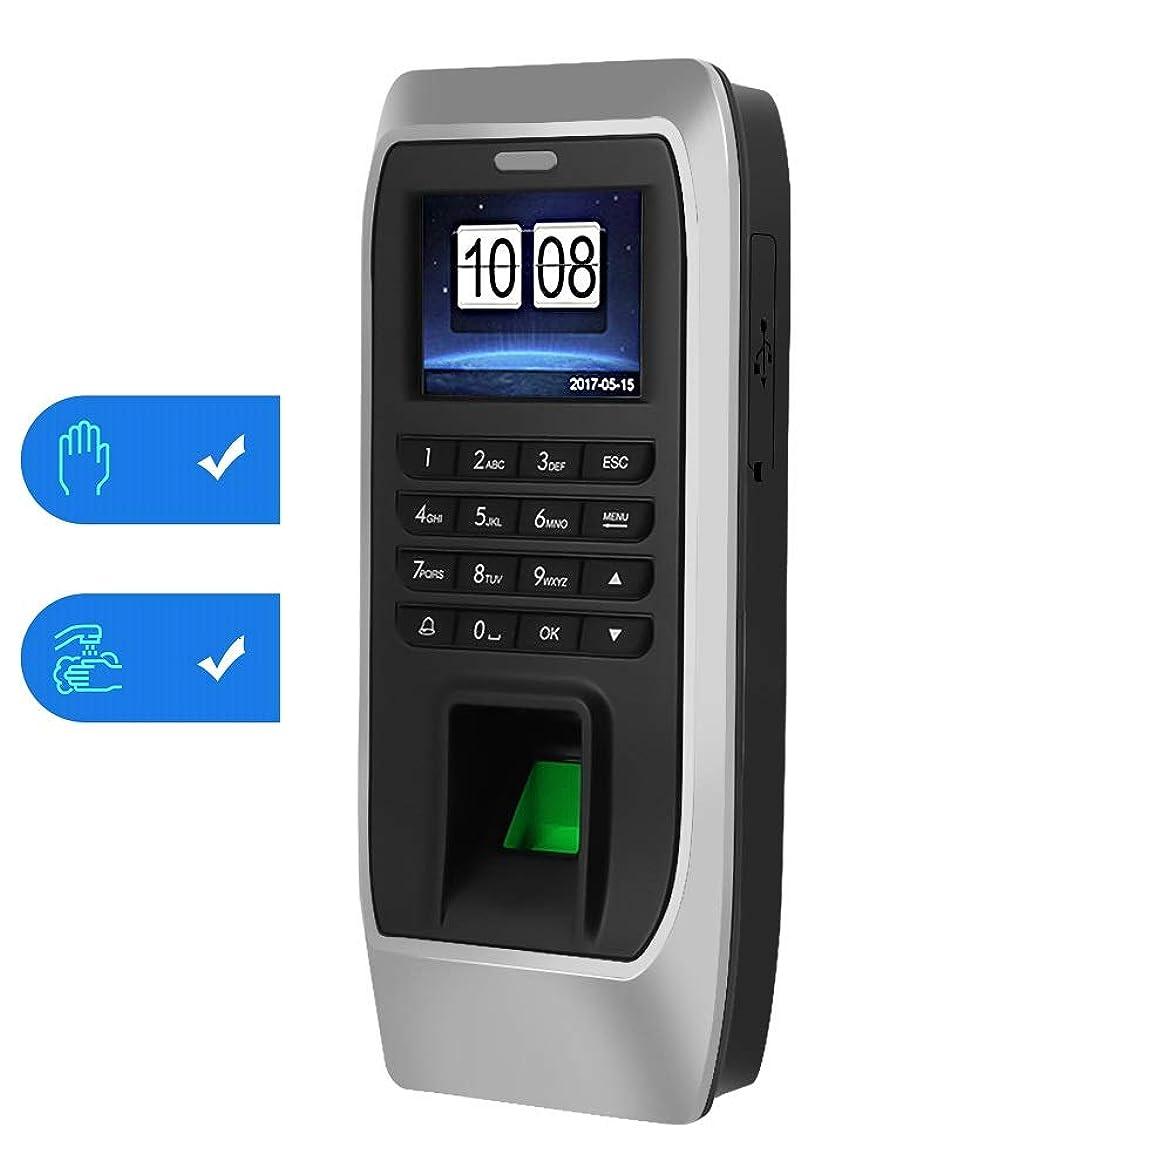 傘責め摂氏度指紋認証 VBESTLIFE タイムレコーダー 指紋+パスワード+ ID/ICカード 2つの動作モード 出退勤記録 レコーダーマシン オフィス、工場、ホテル、学校適用